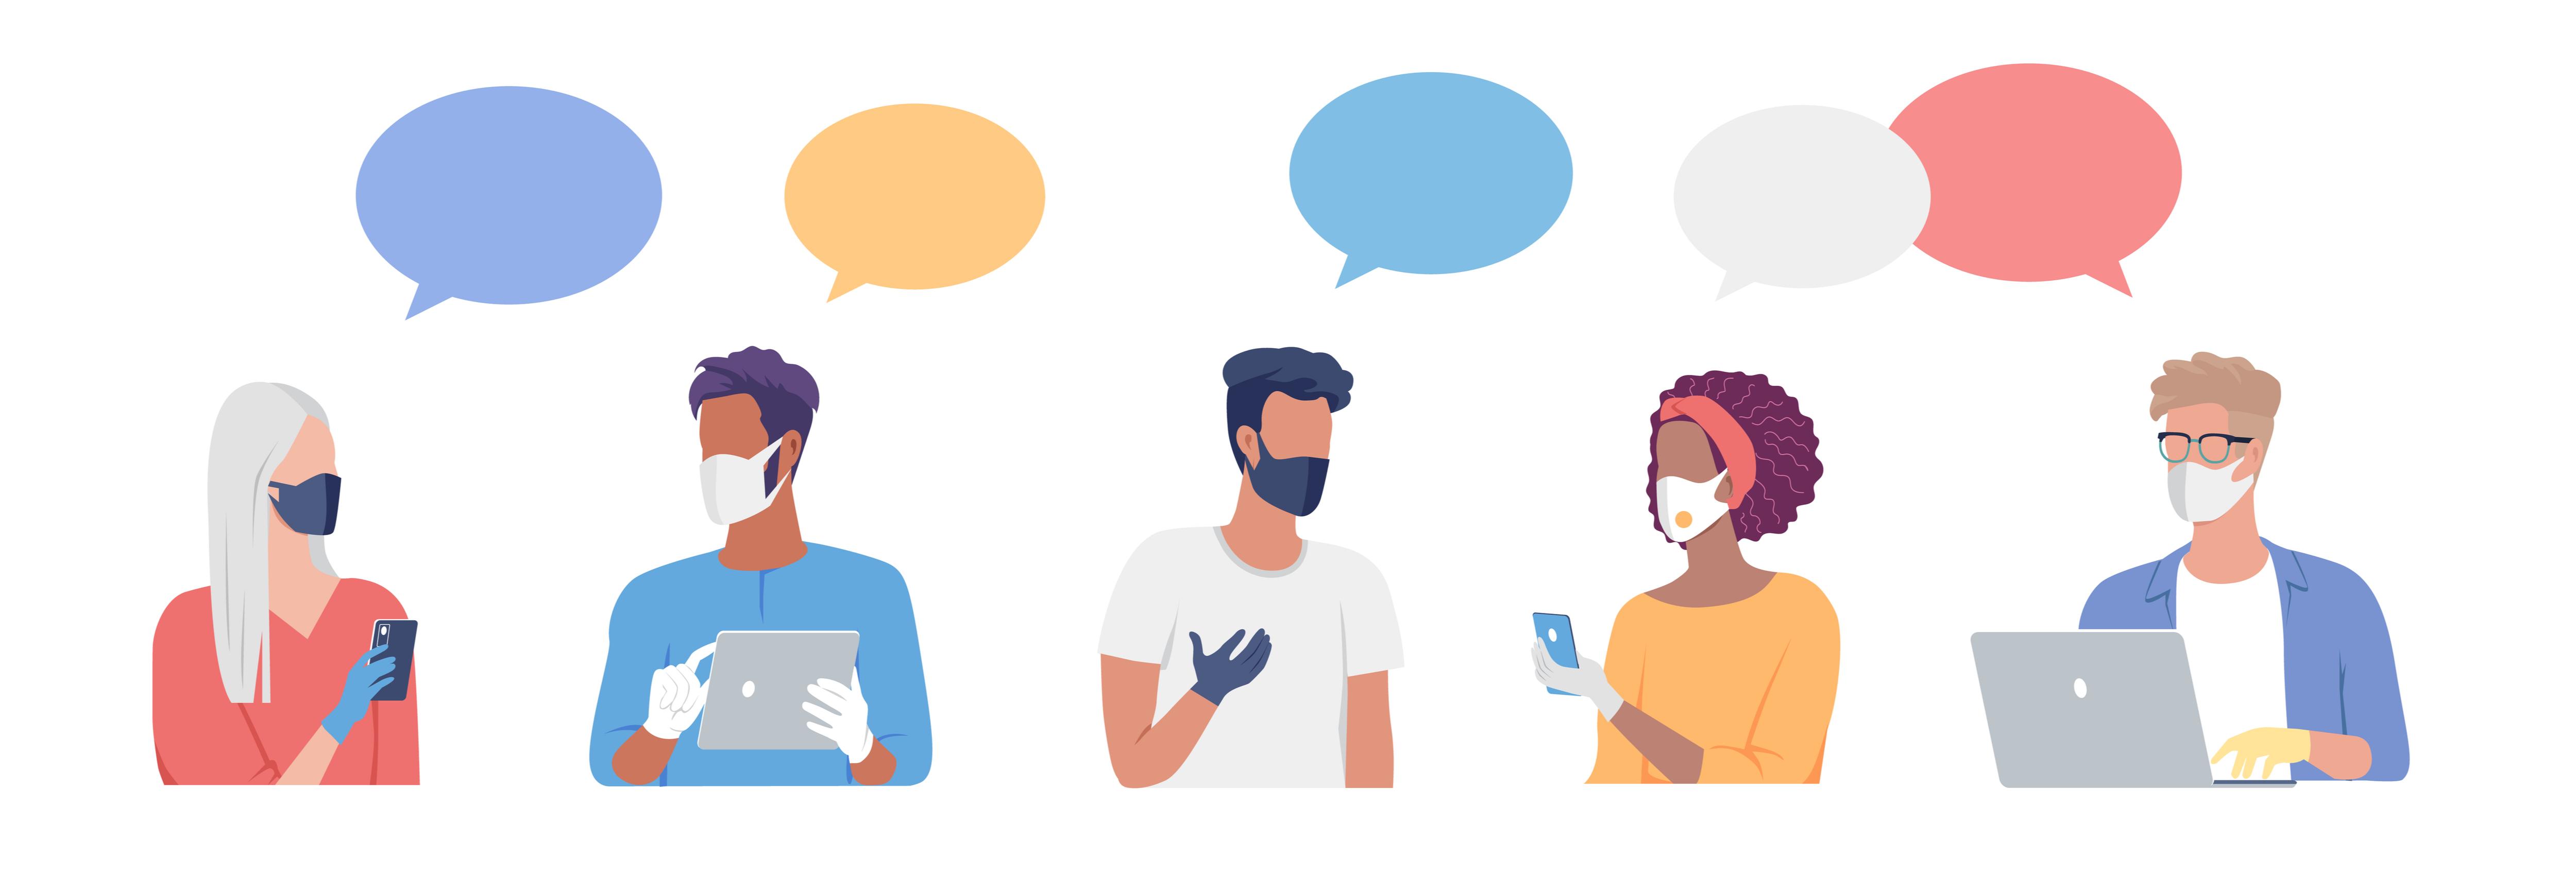 Diversity & Inclusion Conversation